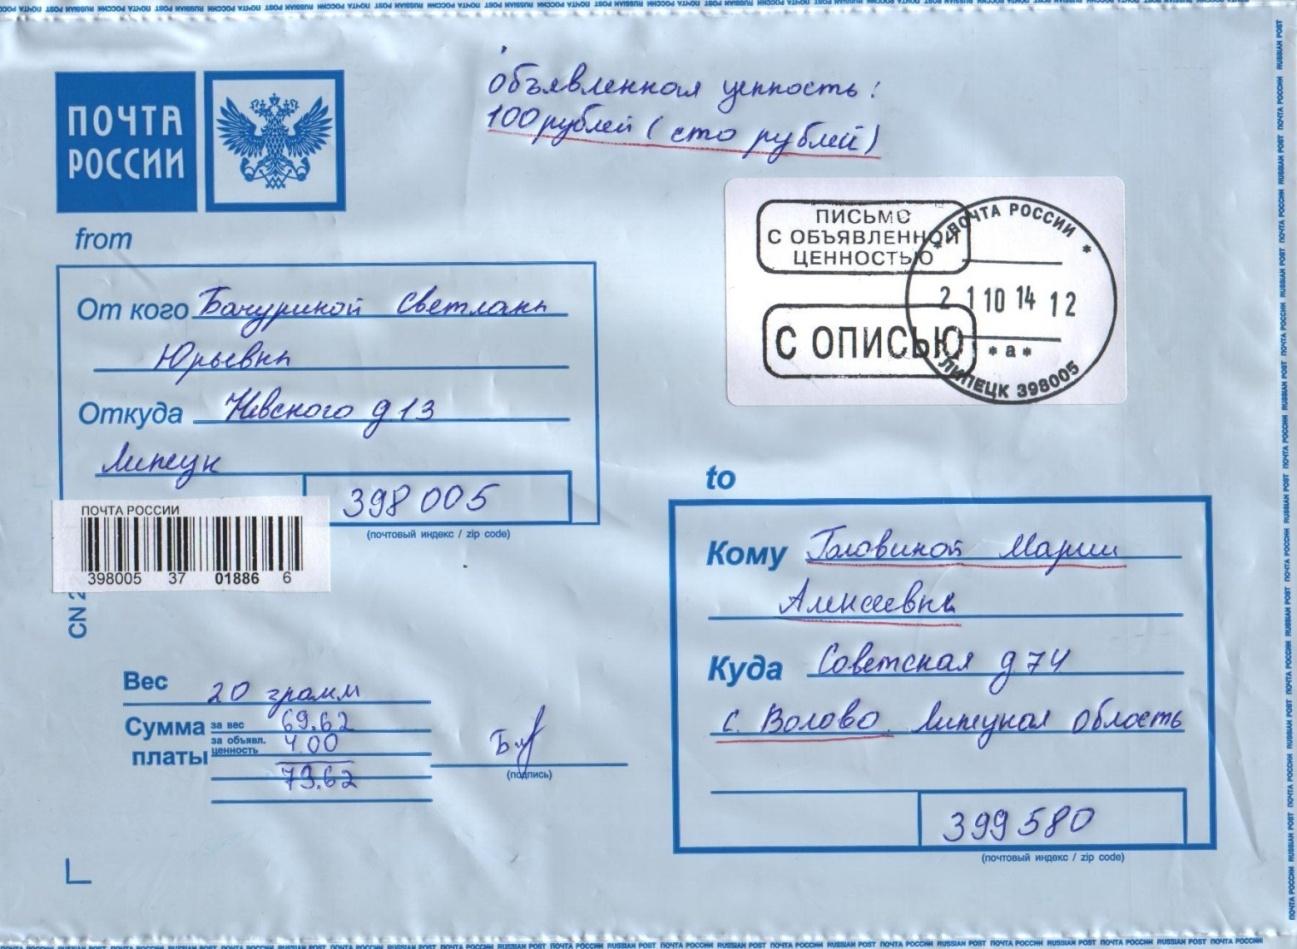 Сколько идут заказные письма по россии и чем они отличаются от обычных?